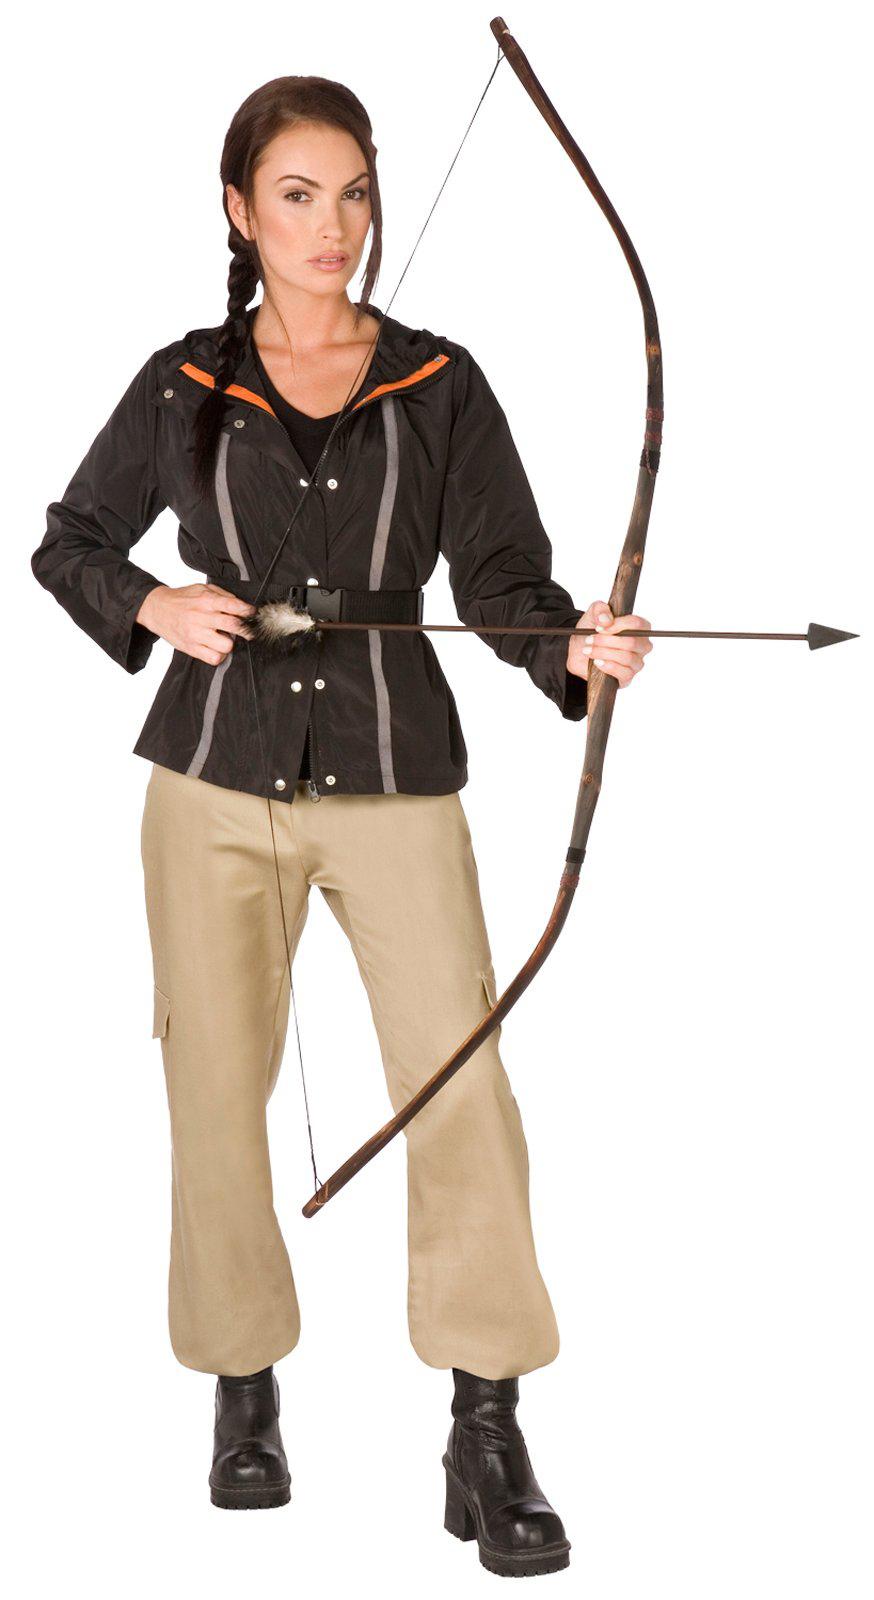 The hunger games katniss everdeen costume imgkid